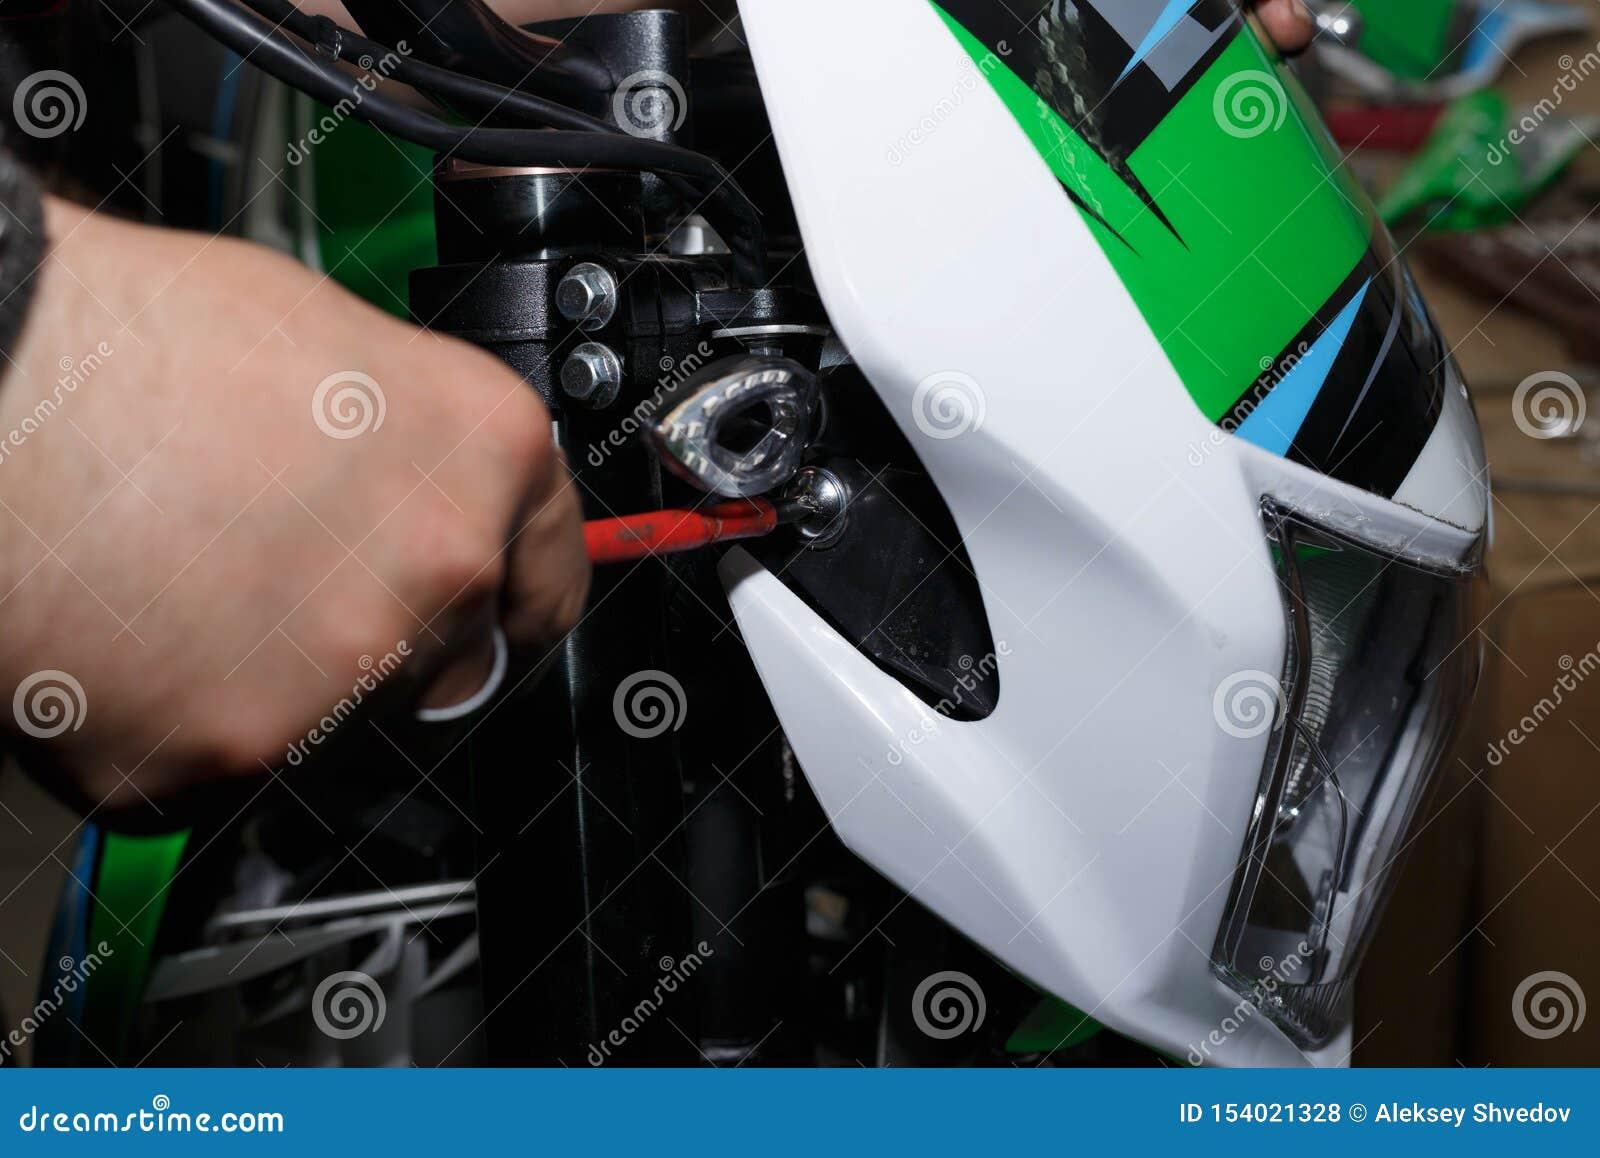 Installation de la lampe avant avec une doublure en plastique sur la moto